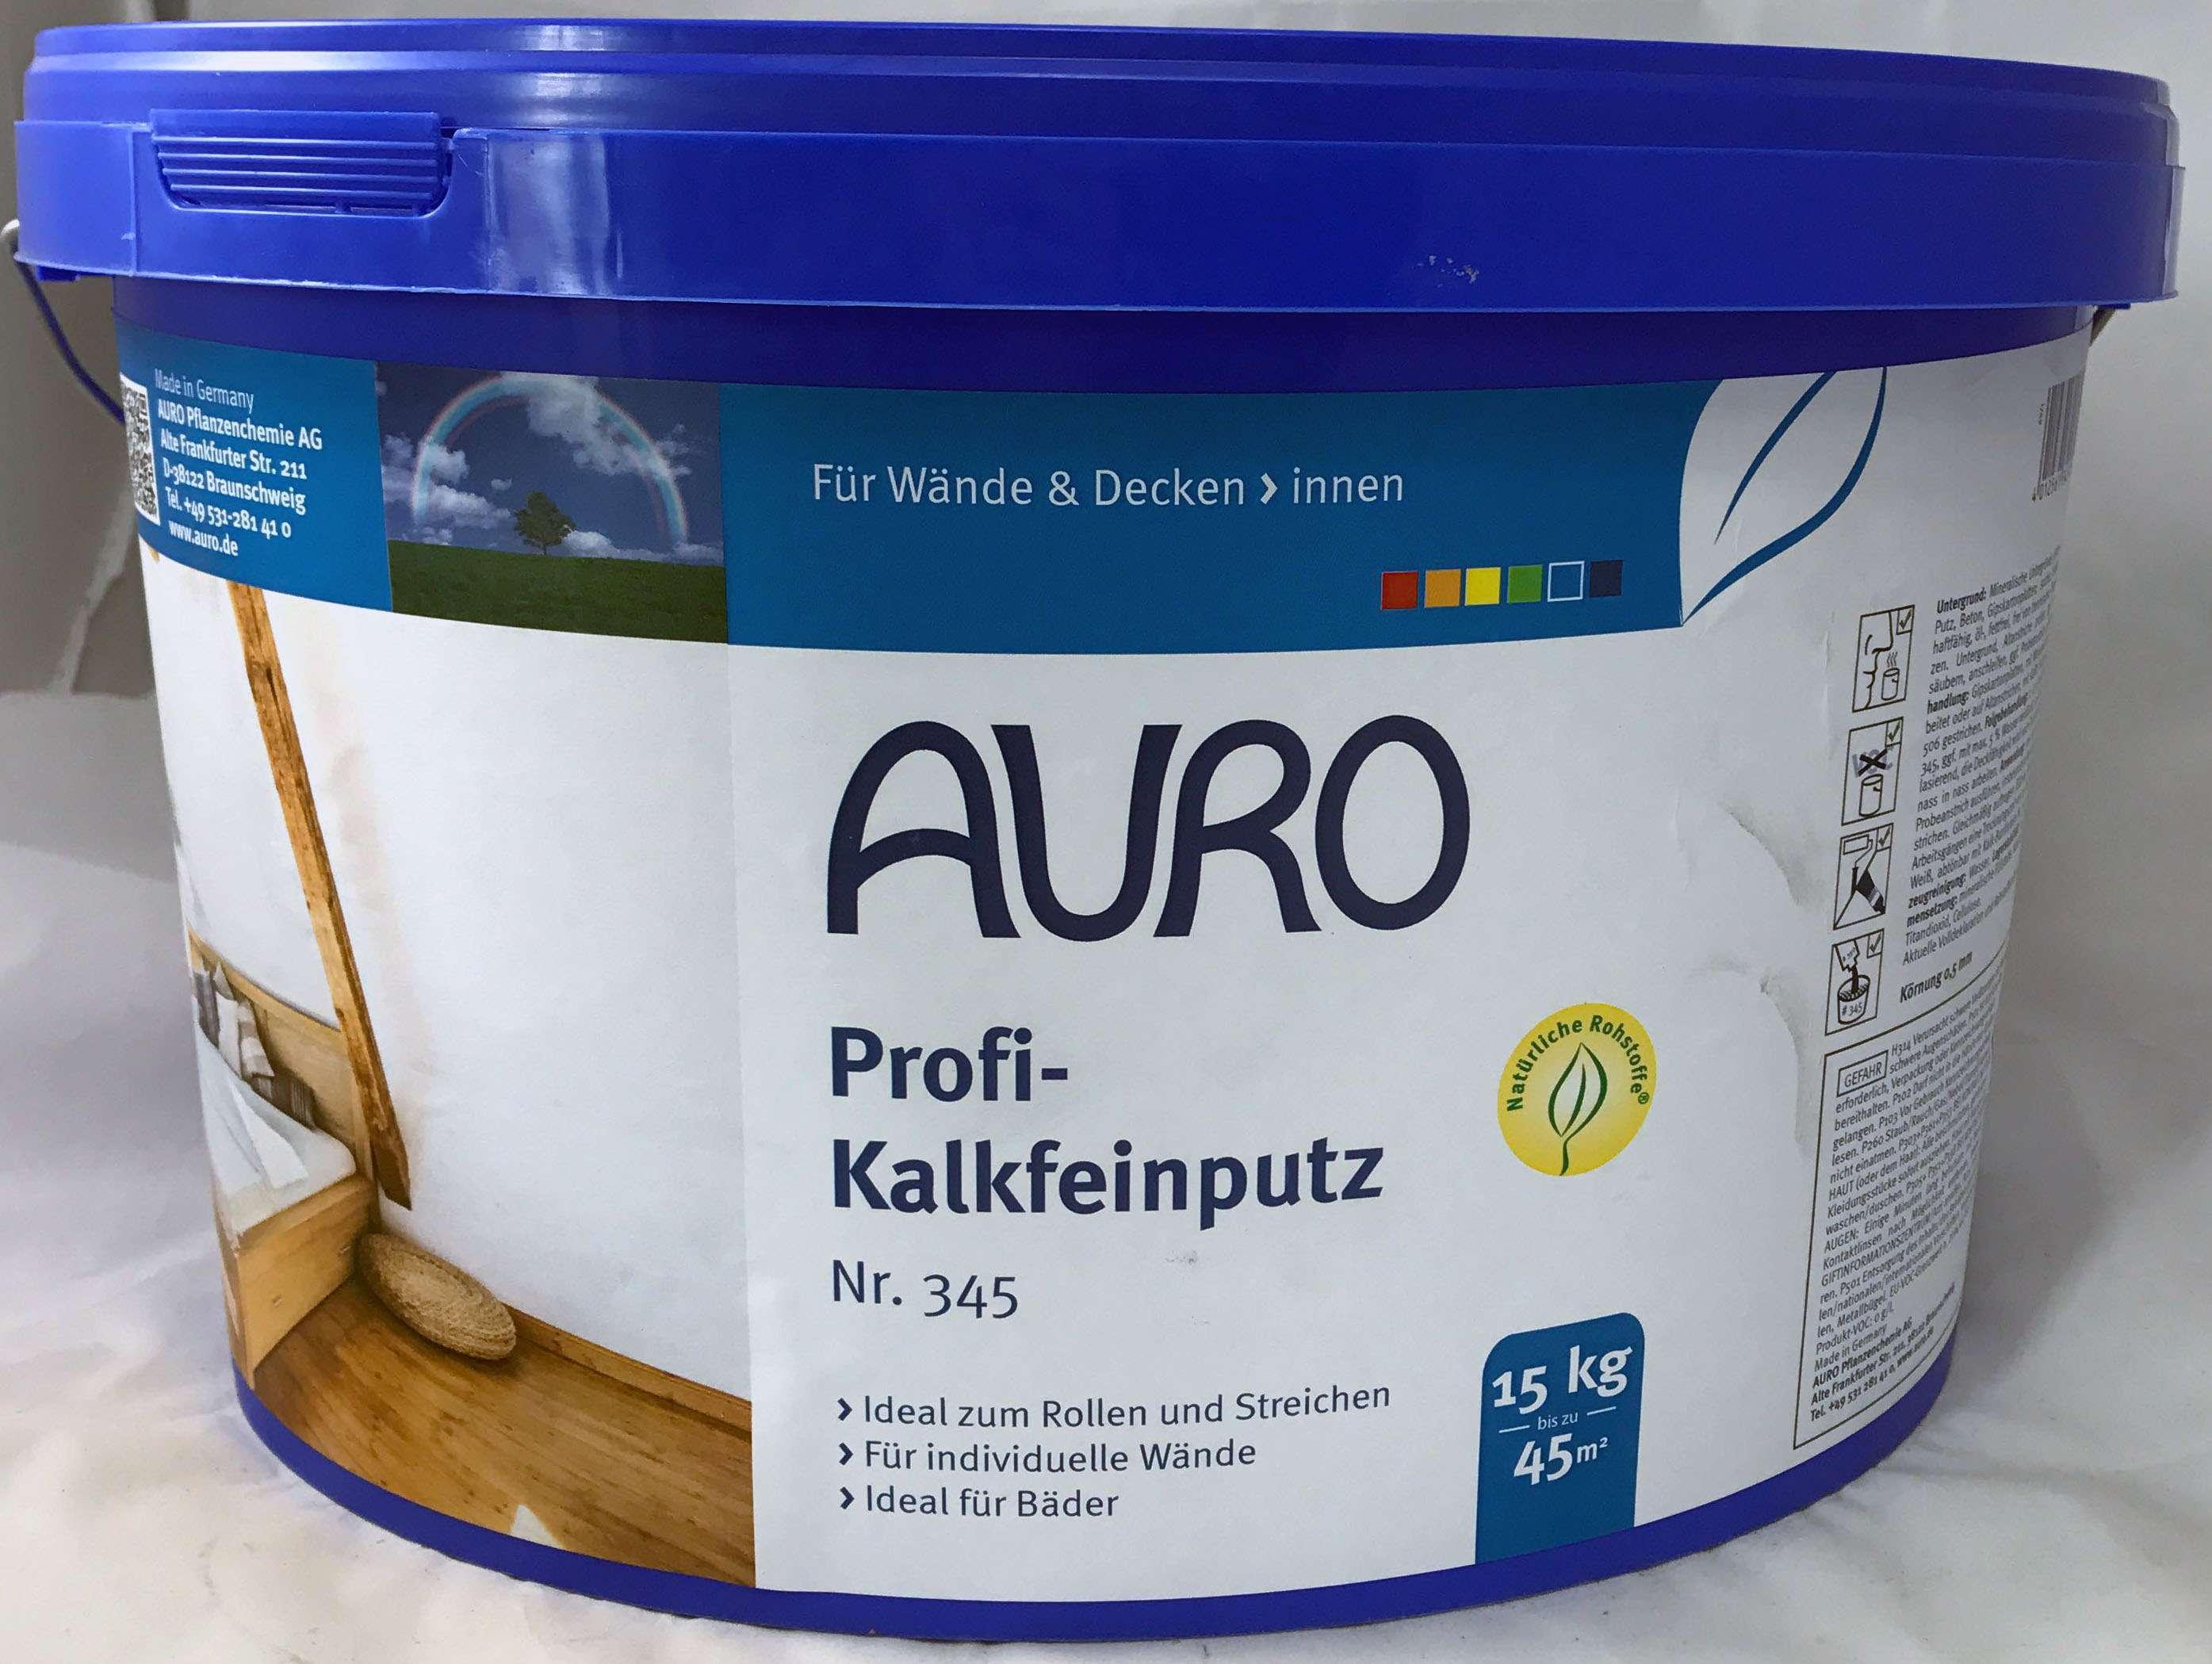 5,66 eur / kg) auro profi - kalkfeinputz nr. 345 - 15 kg innen